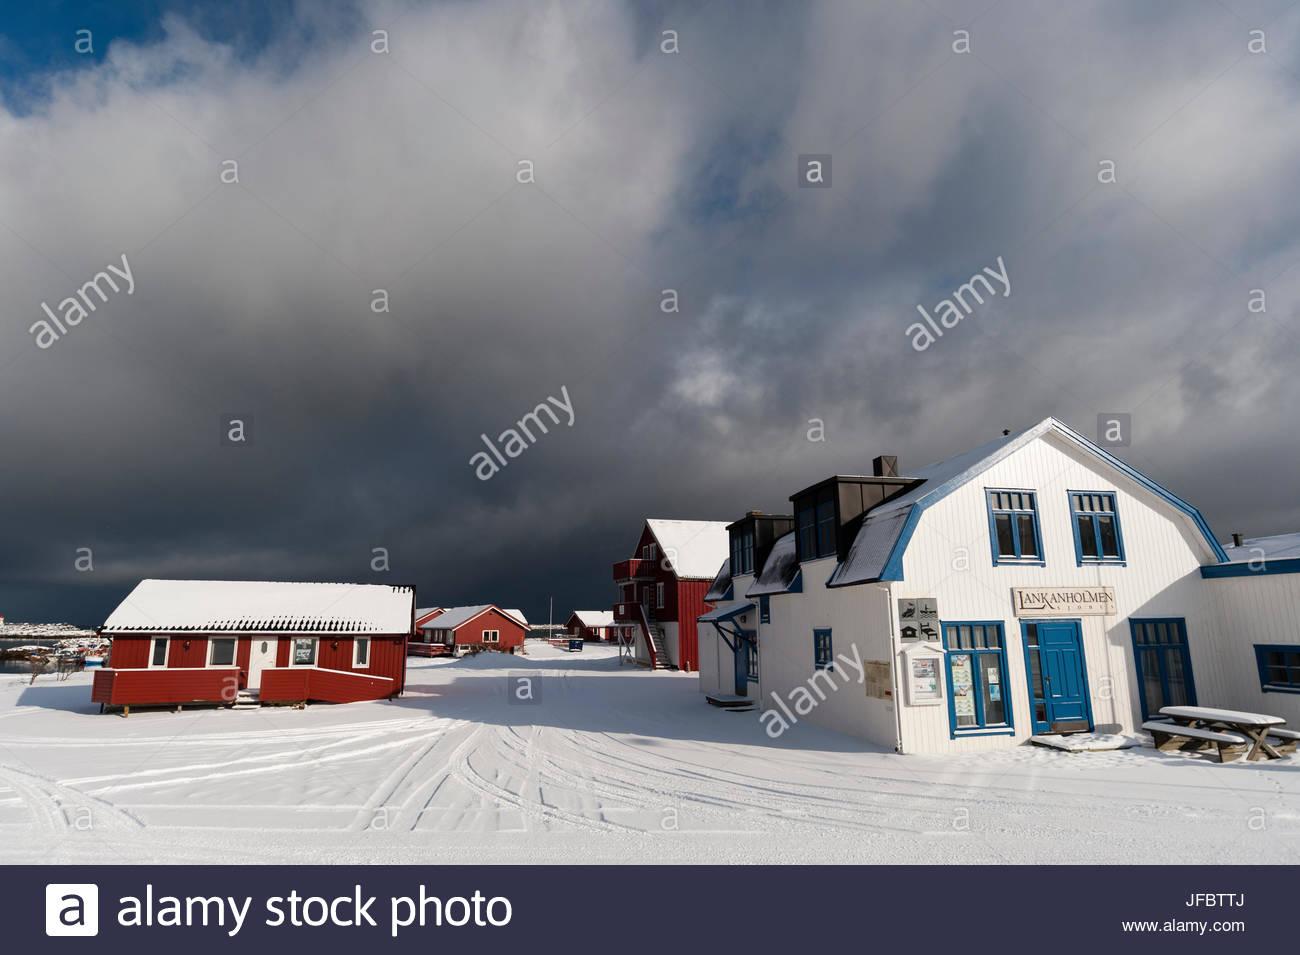 Coperte di neve case e strade sotto un cielo nuvoloso. Immagini Stock